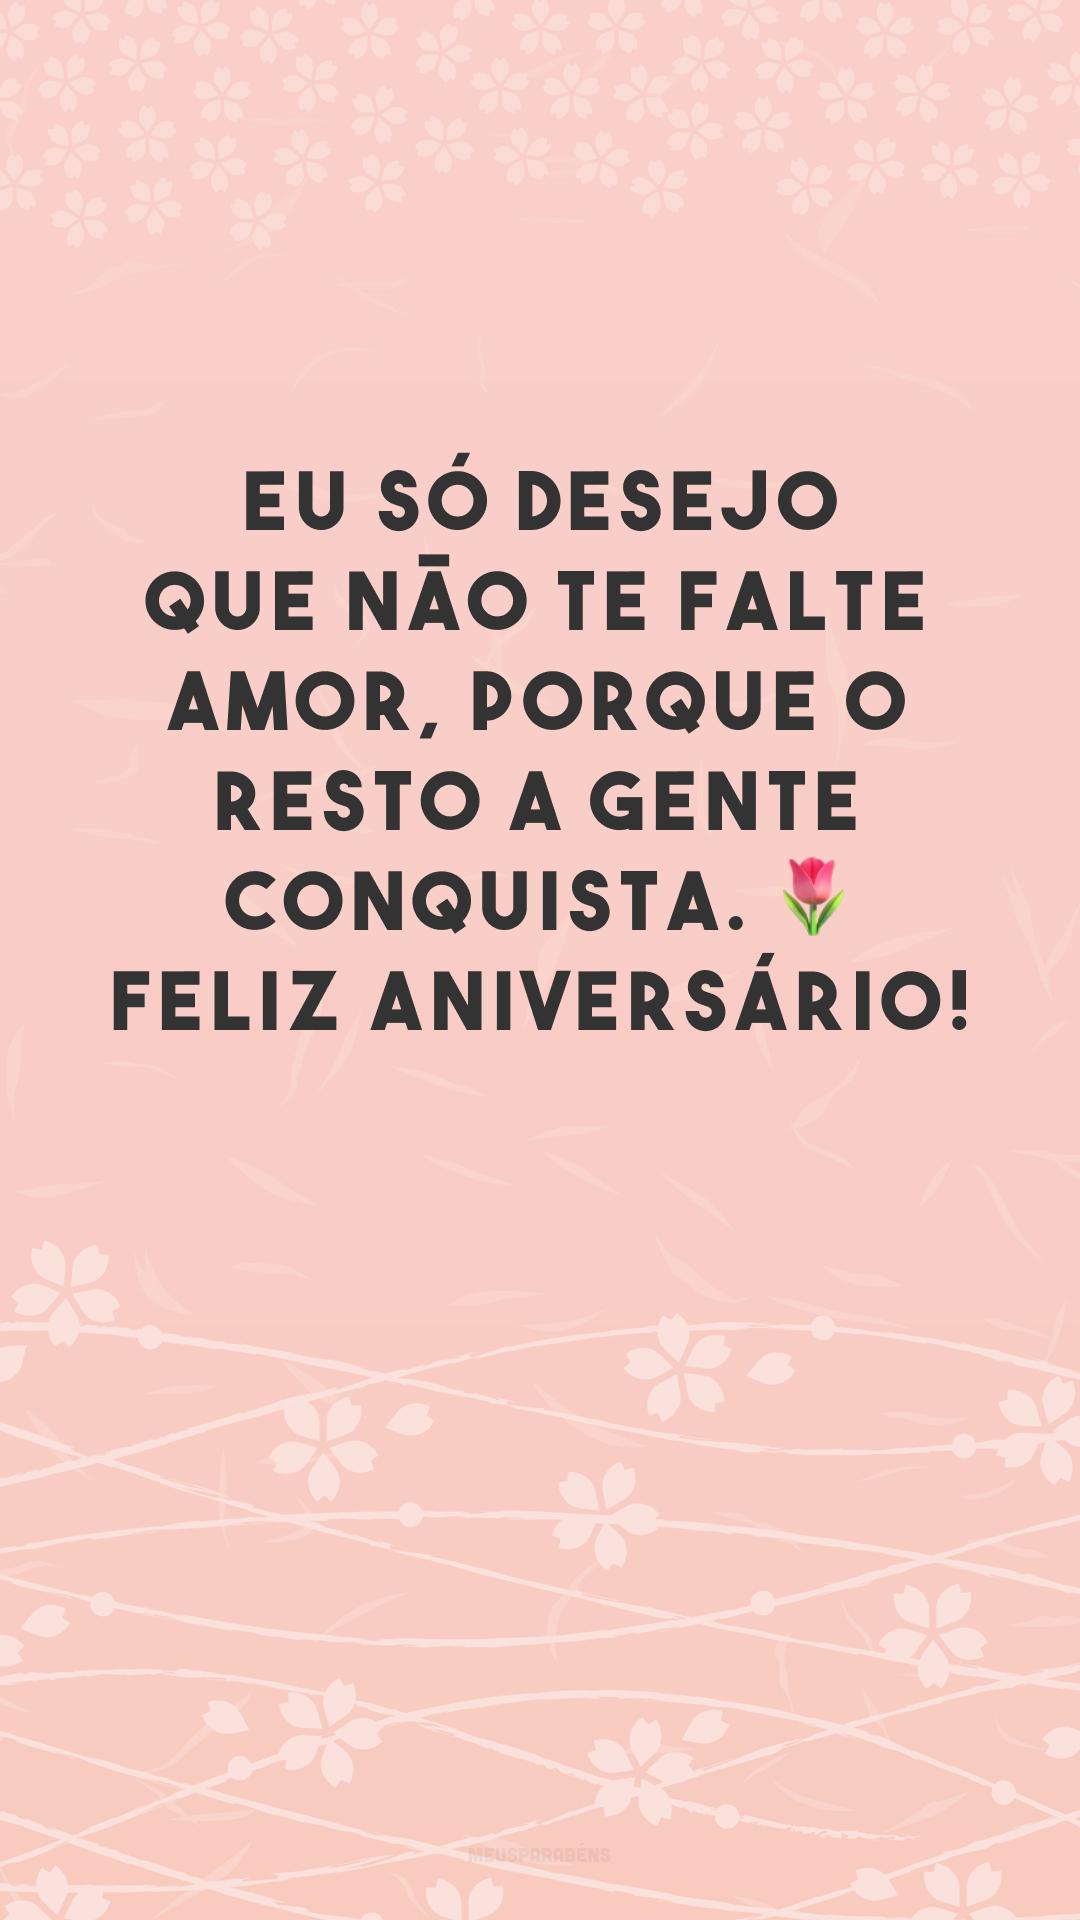 Eu só desejo que não te falte amor, porque o resto a gente conquista. 🌷 Feliz aniversário!